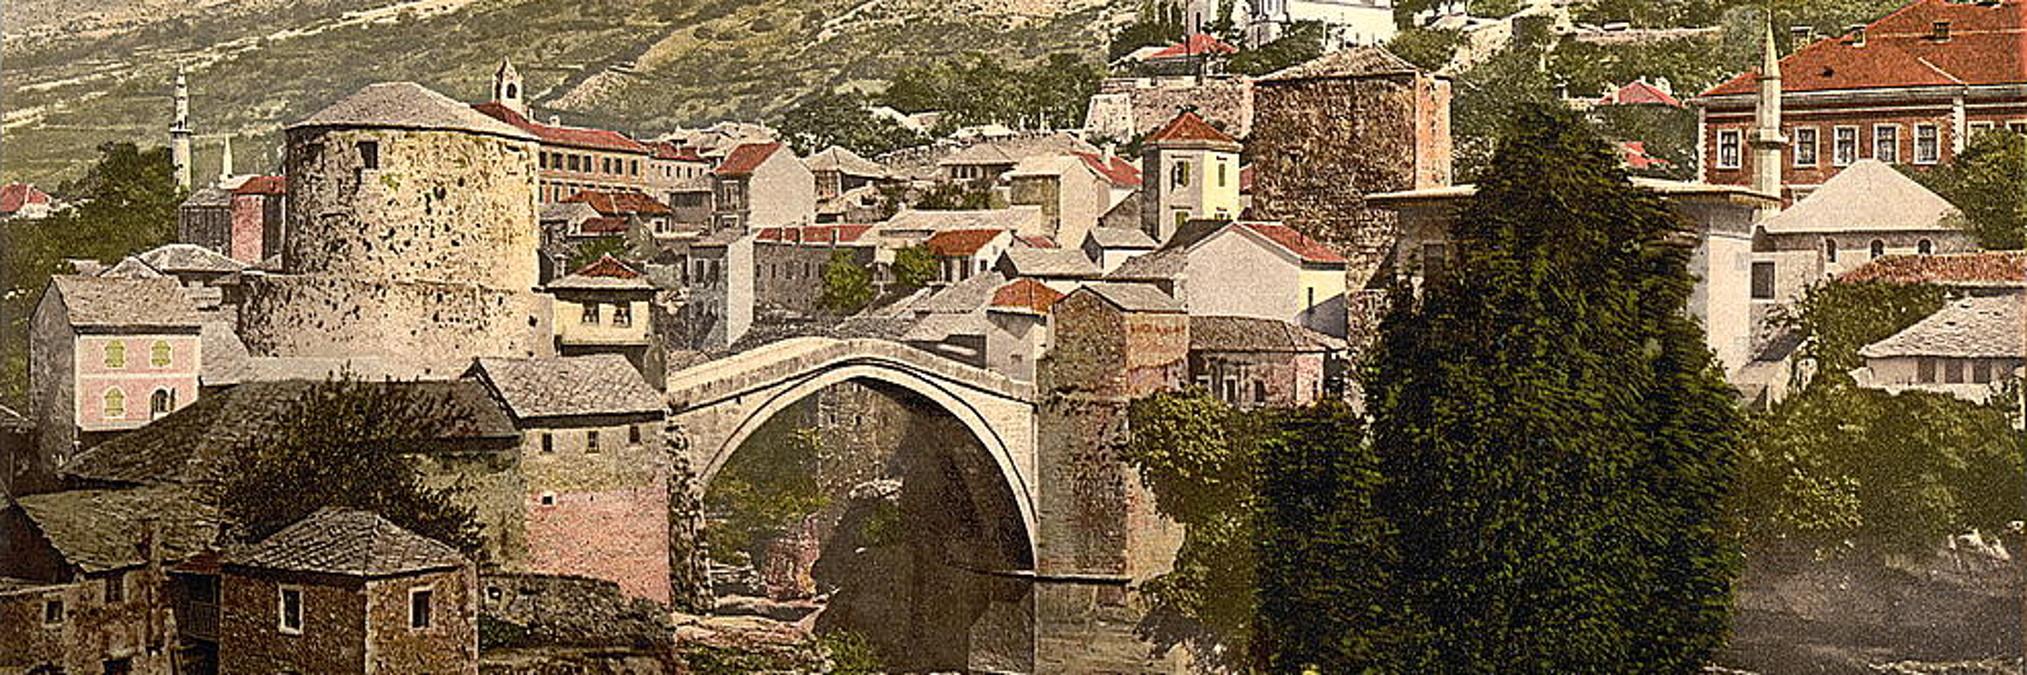 Хенрик Реннер о Старом мосте в Мостаре